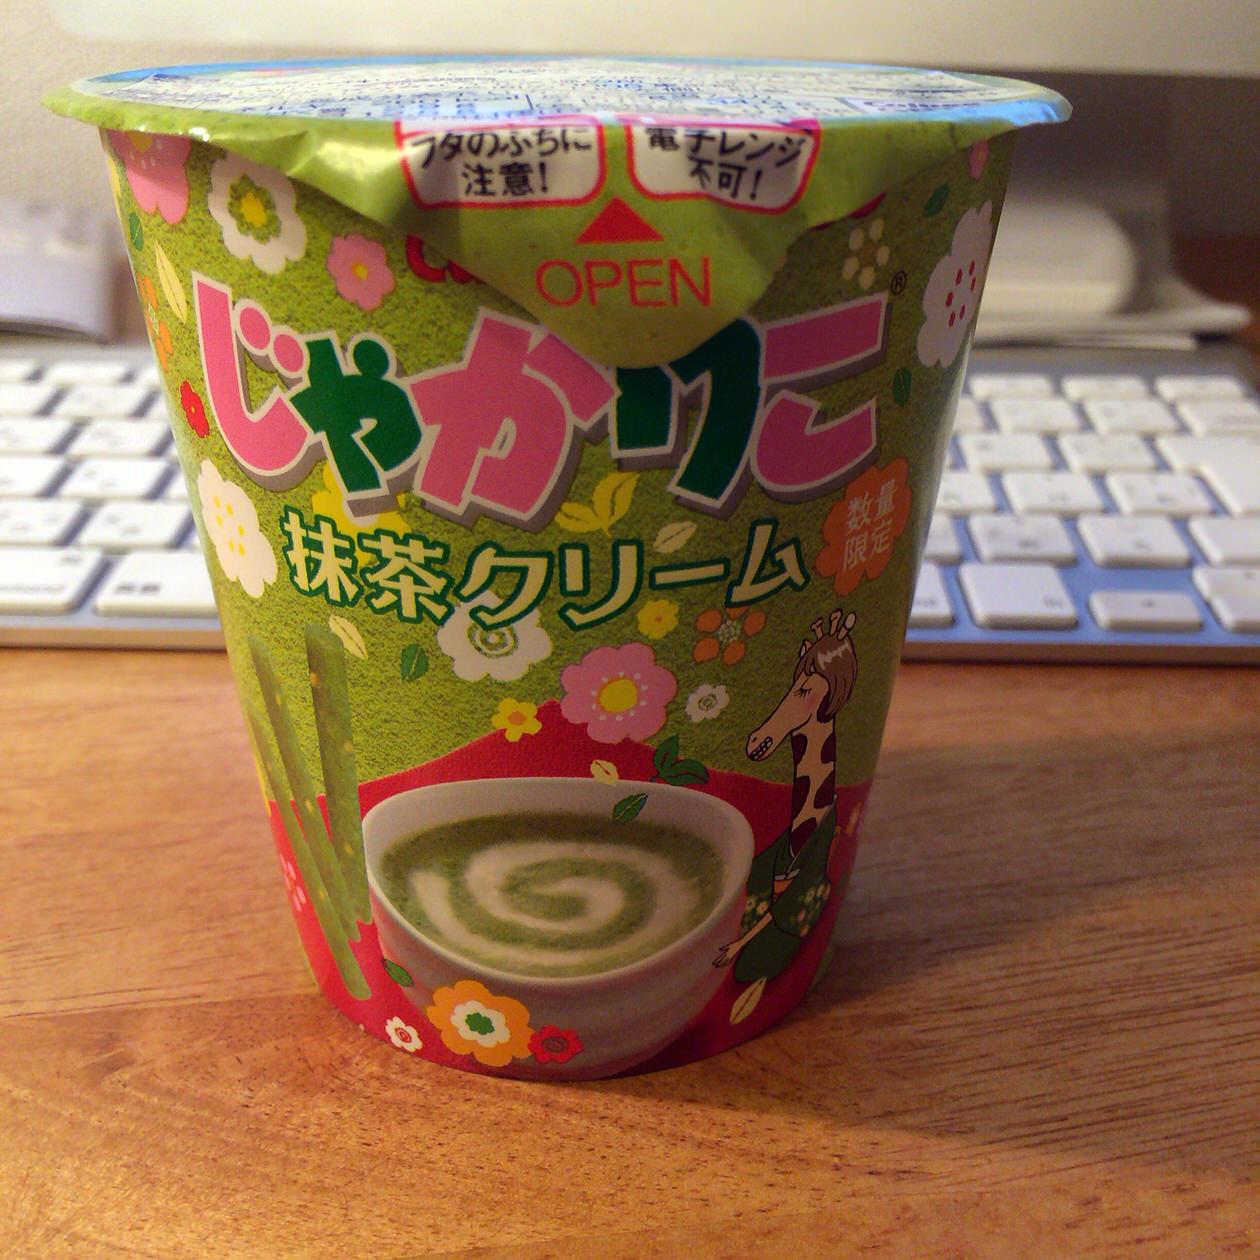 じゃがりこが甘い!?デザート感覚で食べられる『抹茶クリーム味』を食べてみた!